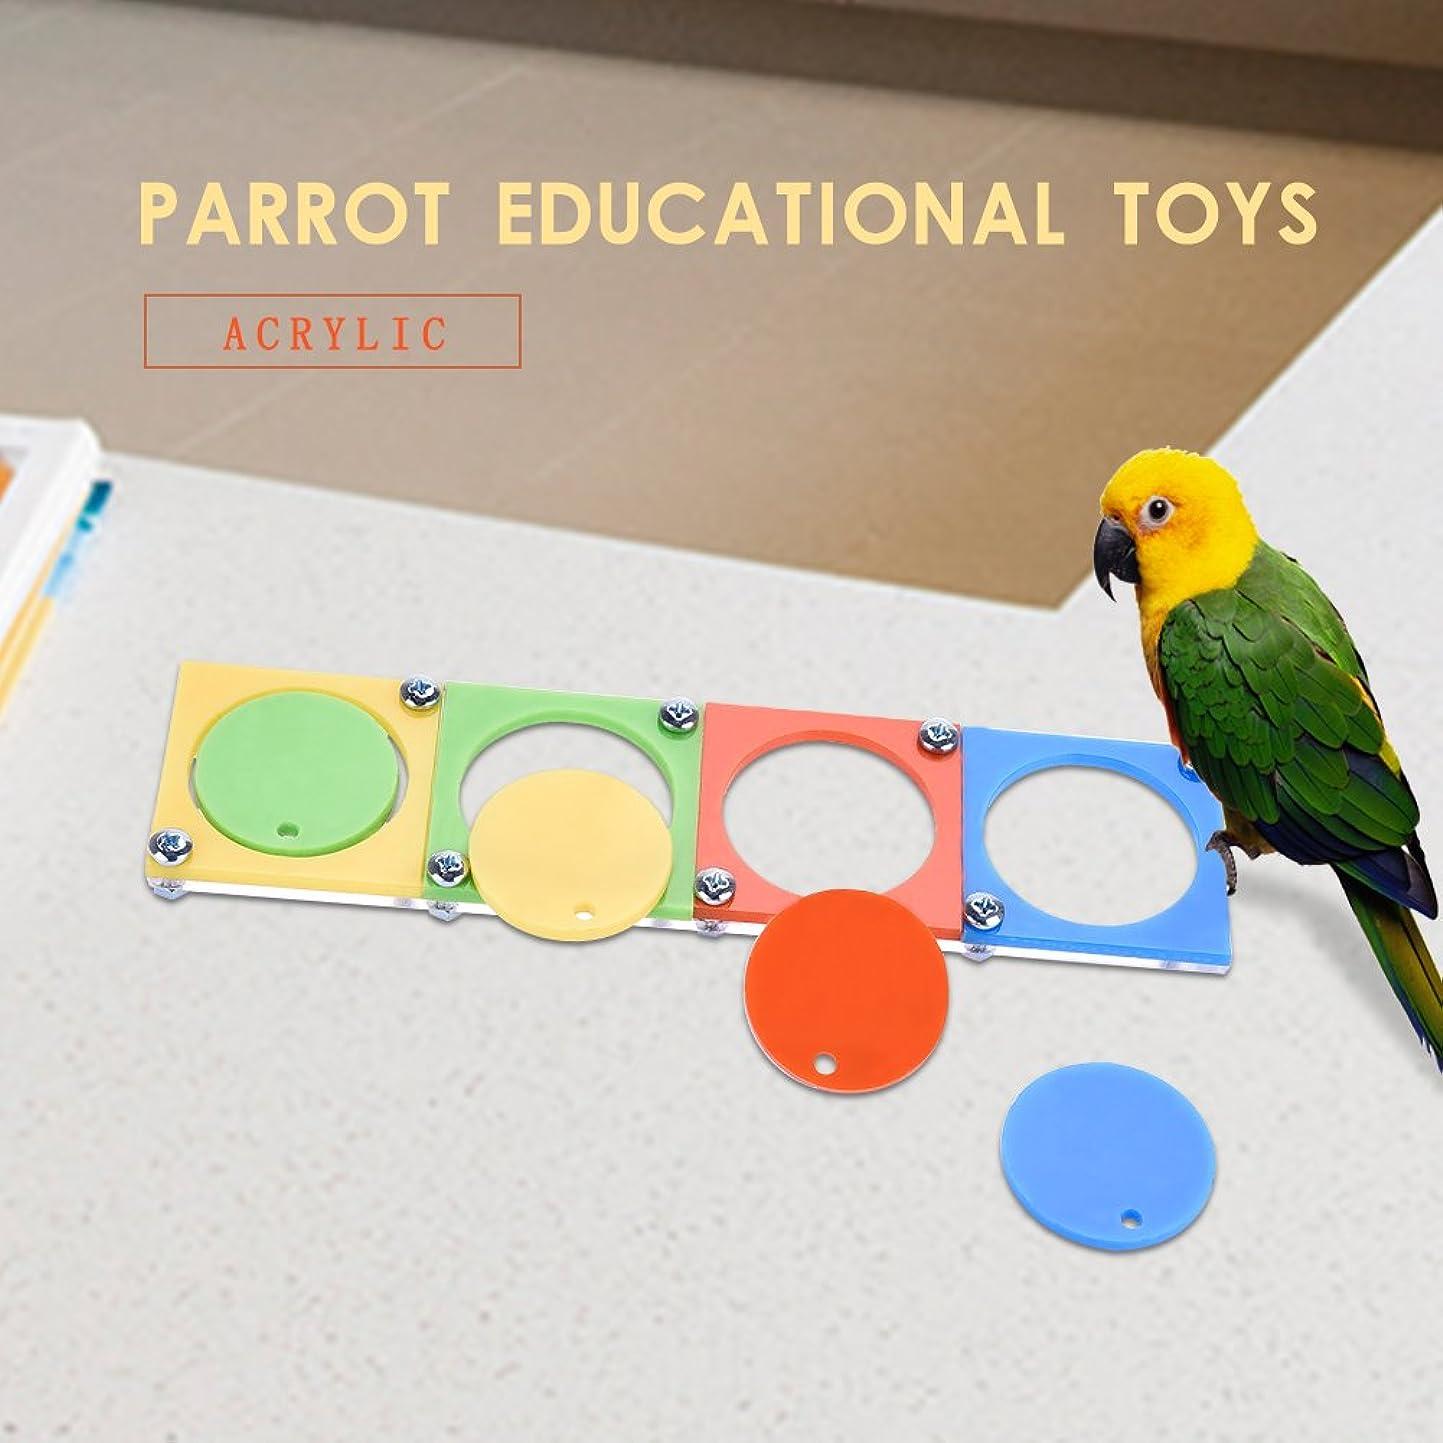 スーダンかみそり弾力性のあるPIKANCHI カラフル ペットおもちゃ 鳥用品 マンチボール インコ オウム おもちゃ 噛む玩具 追う玩具 噛むおもちゃ ラタンボール ストレス解消 色ランダム 10個入り